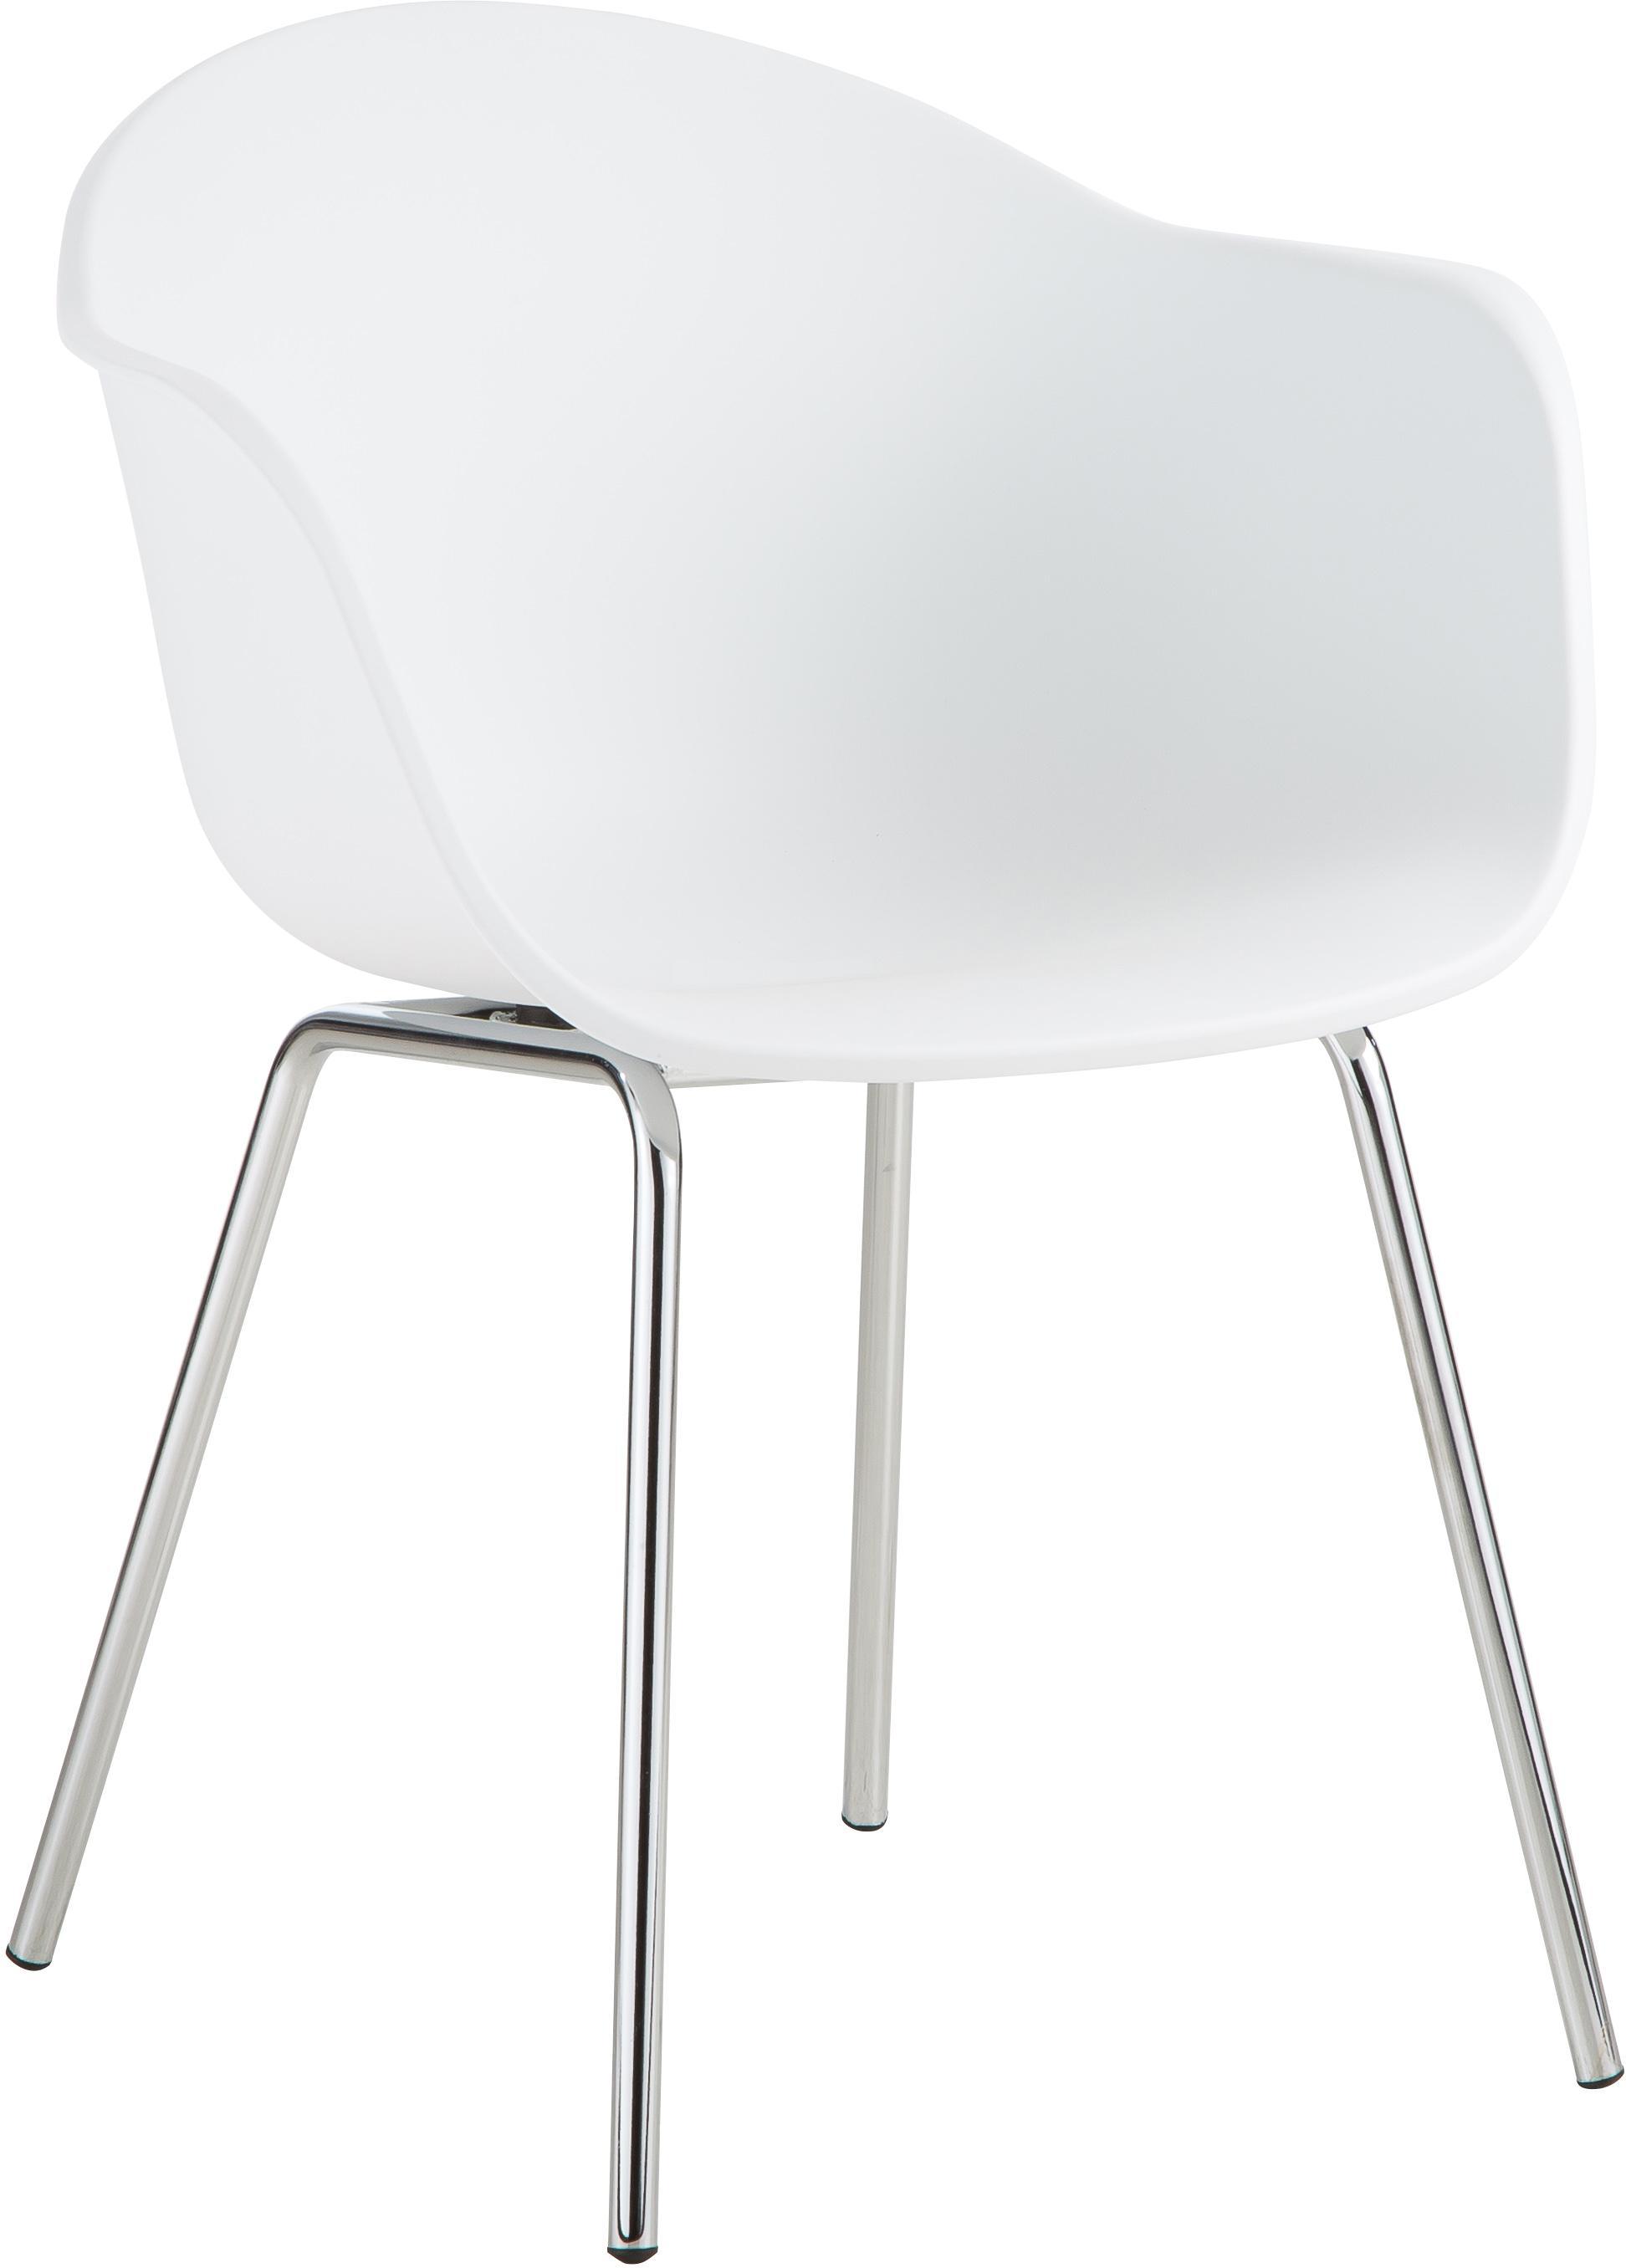 Kunststoff-Armlehnstuhl Claire mit Metallbeinen, Sitzschale: Kunststoff, Beine: Metall, galvanisiert, Weiss, Silber, B 54 x T 60 cm